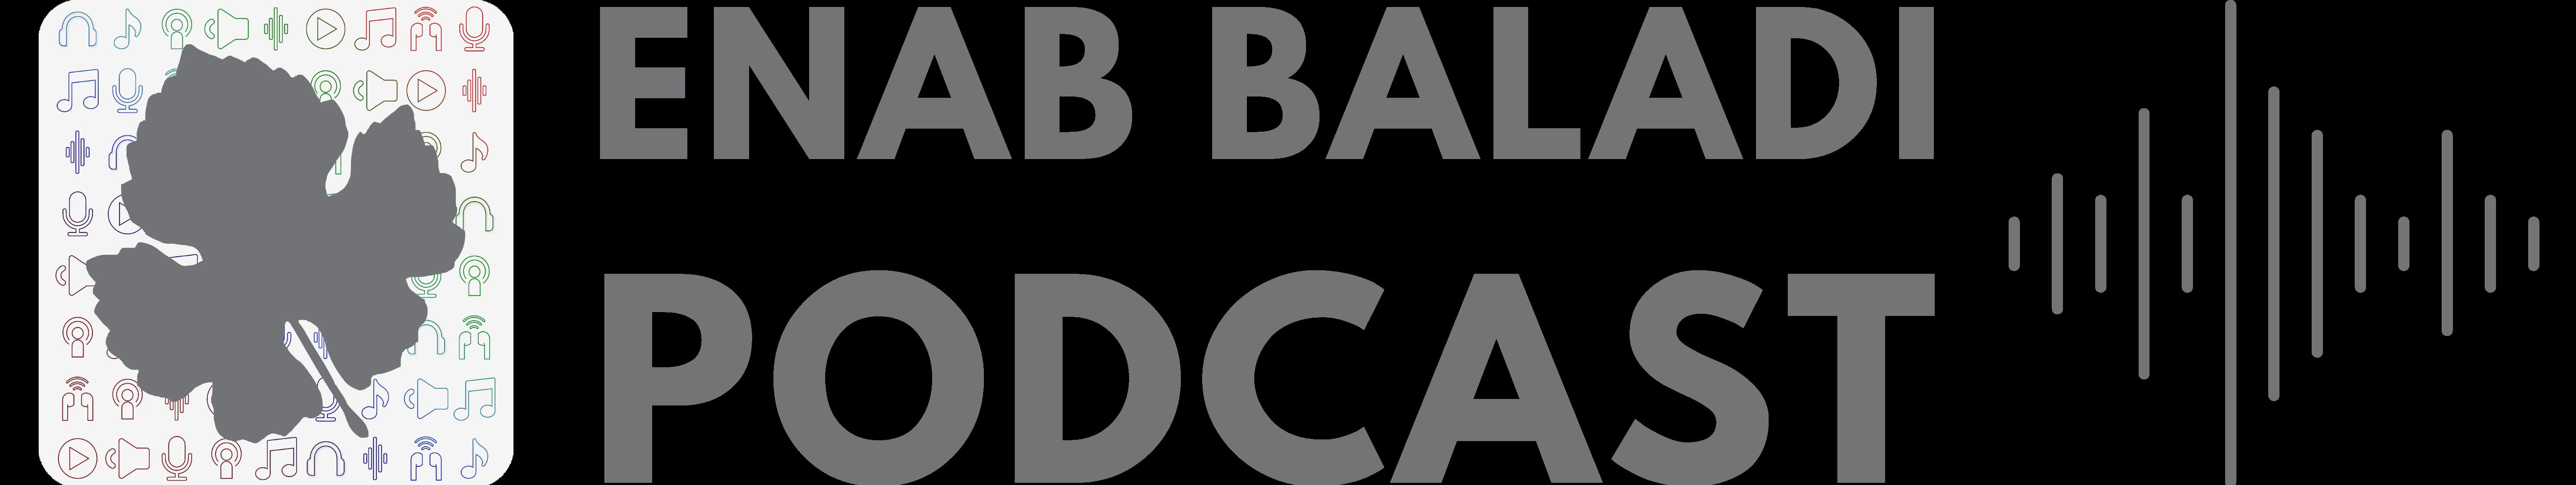 Enab Baladi Podcast | عنب بلدي بودكاست